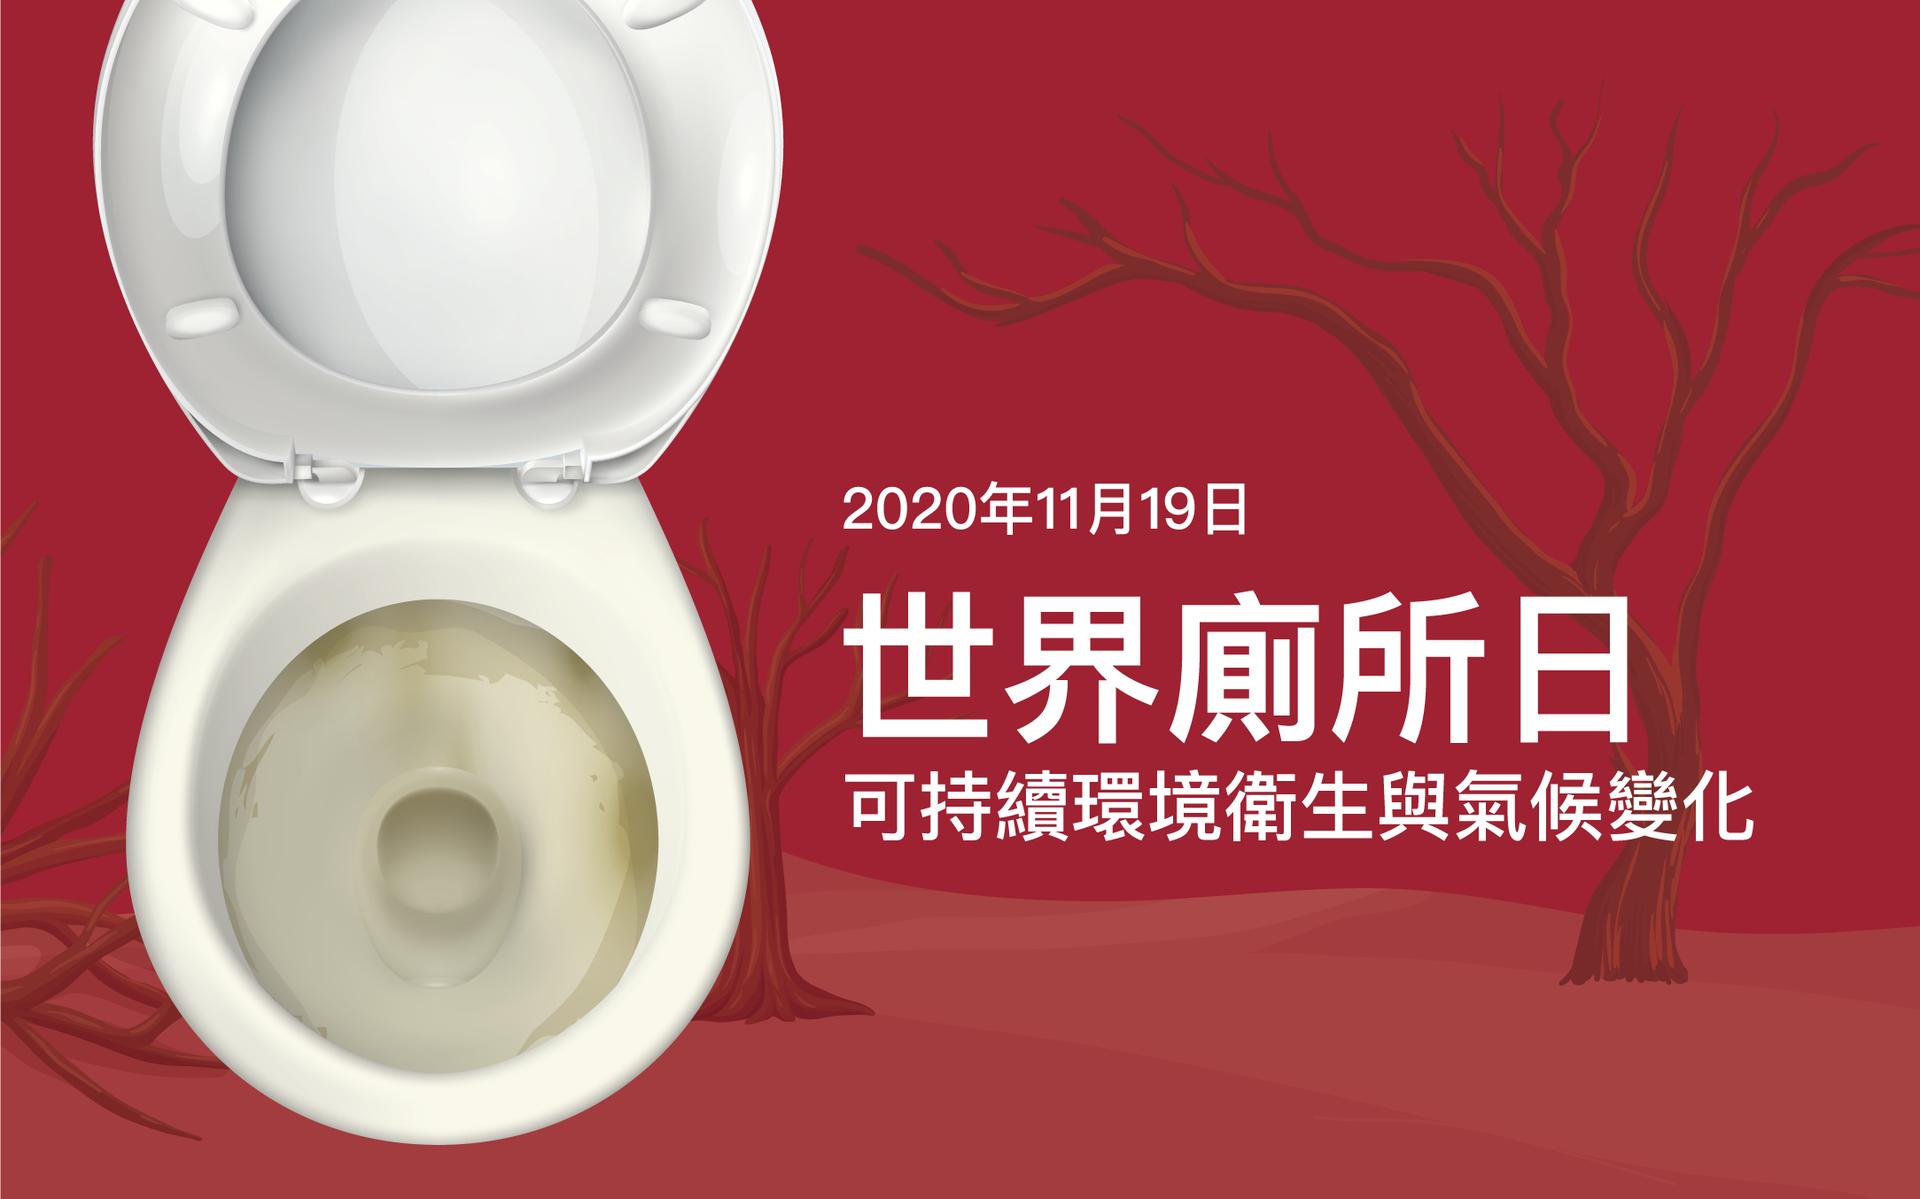 今天是世界廁所日!